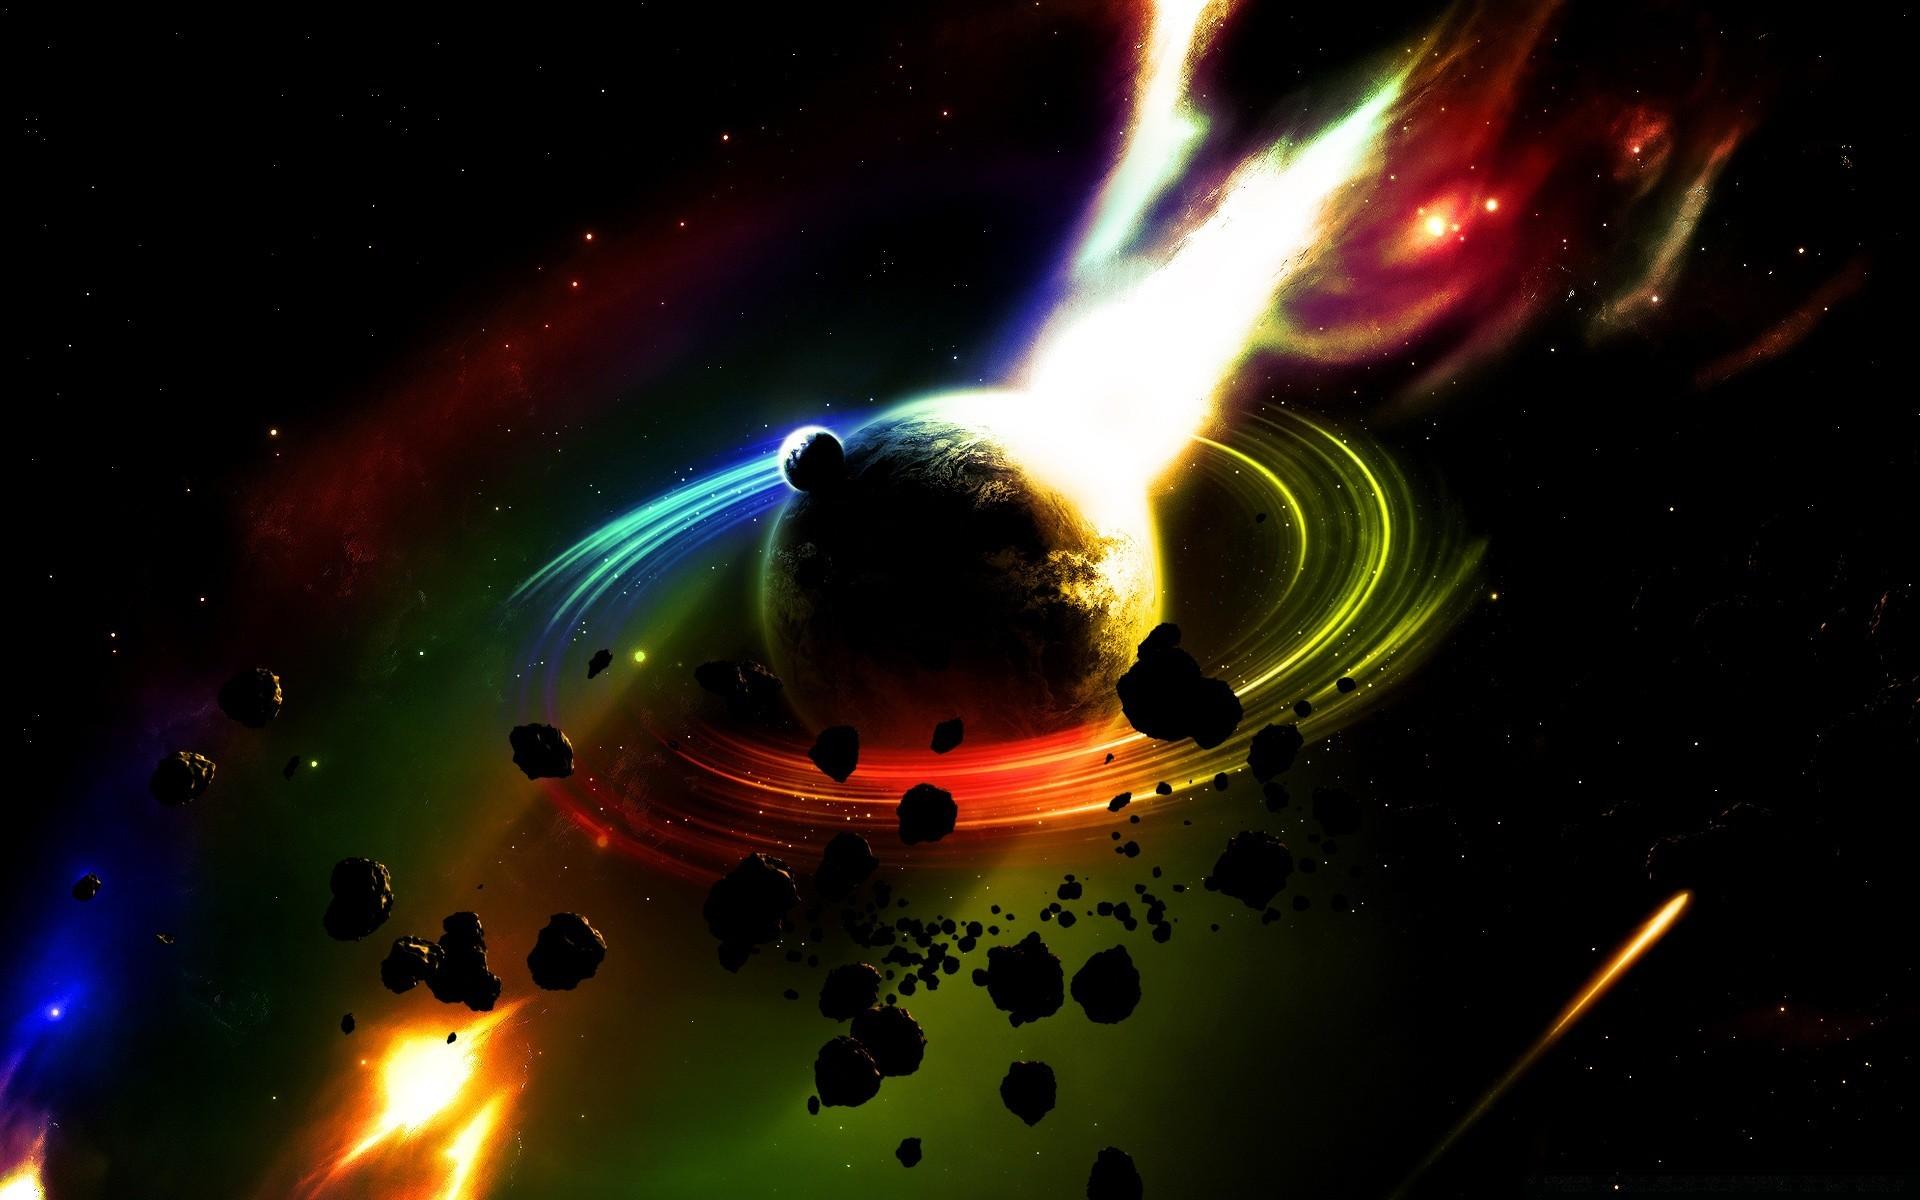 Обои космос планета метеор картинки на рабочий стол на тему Космос - скачать бесплатно